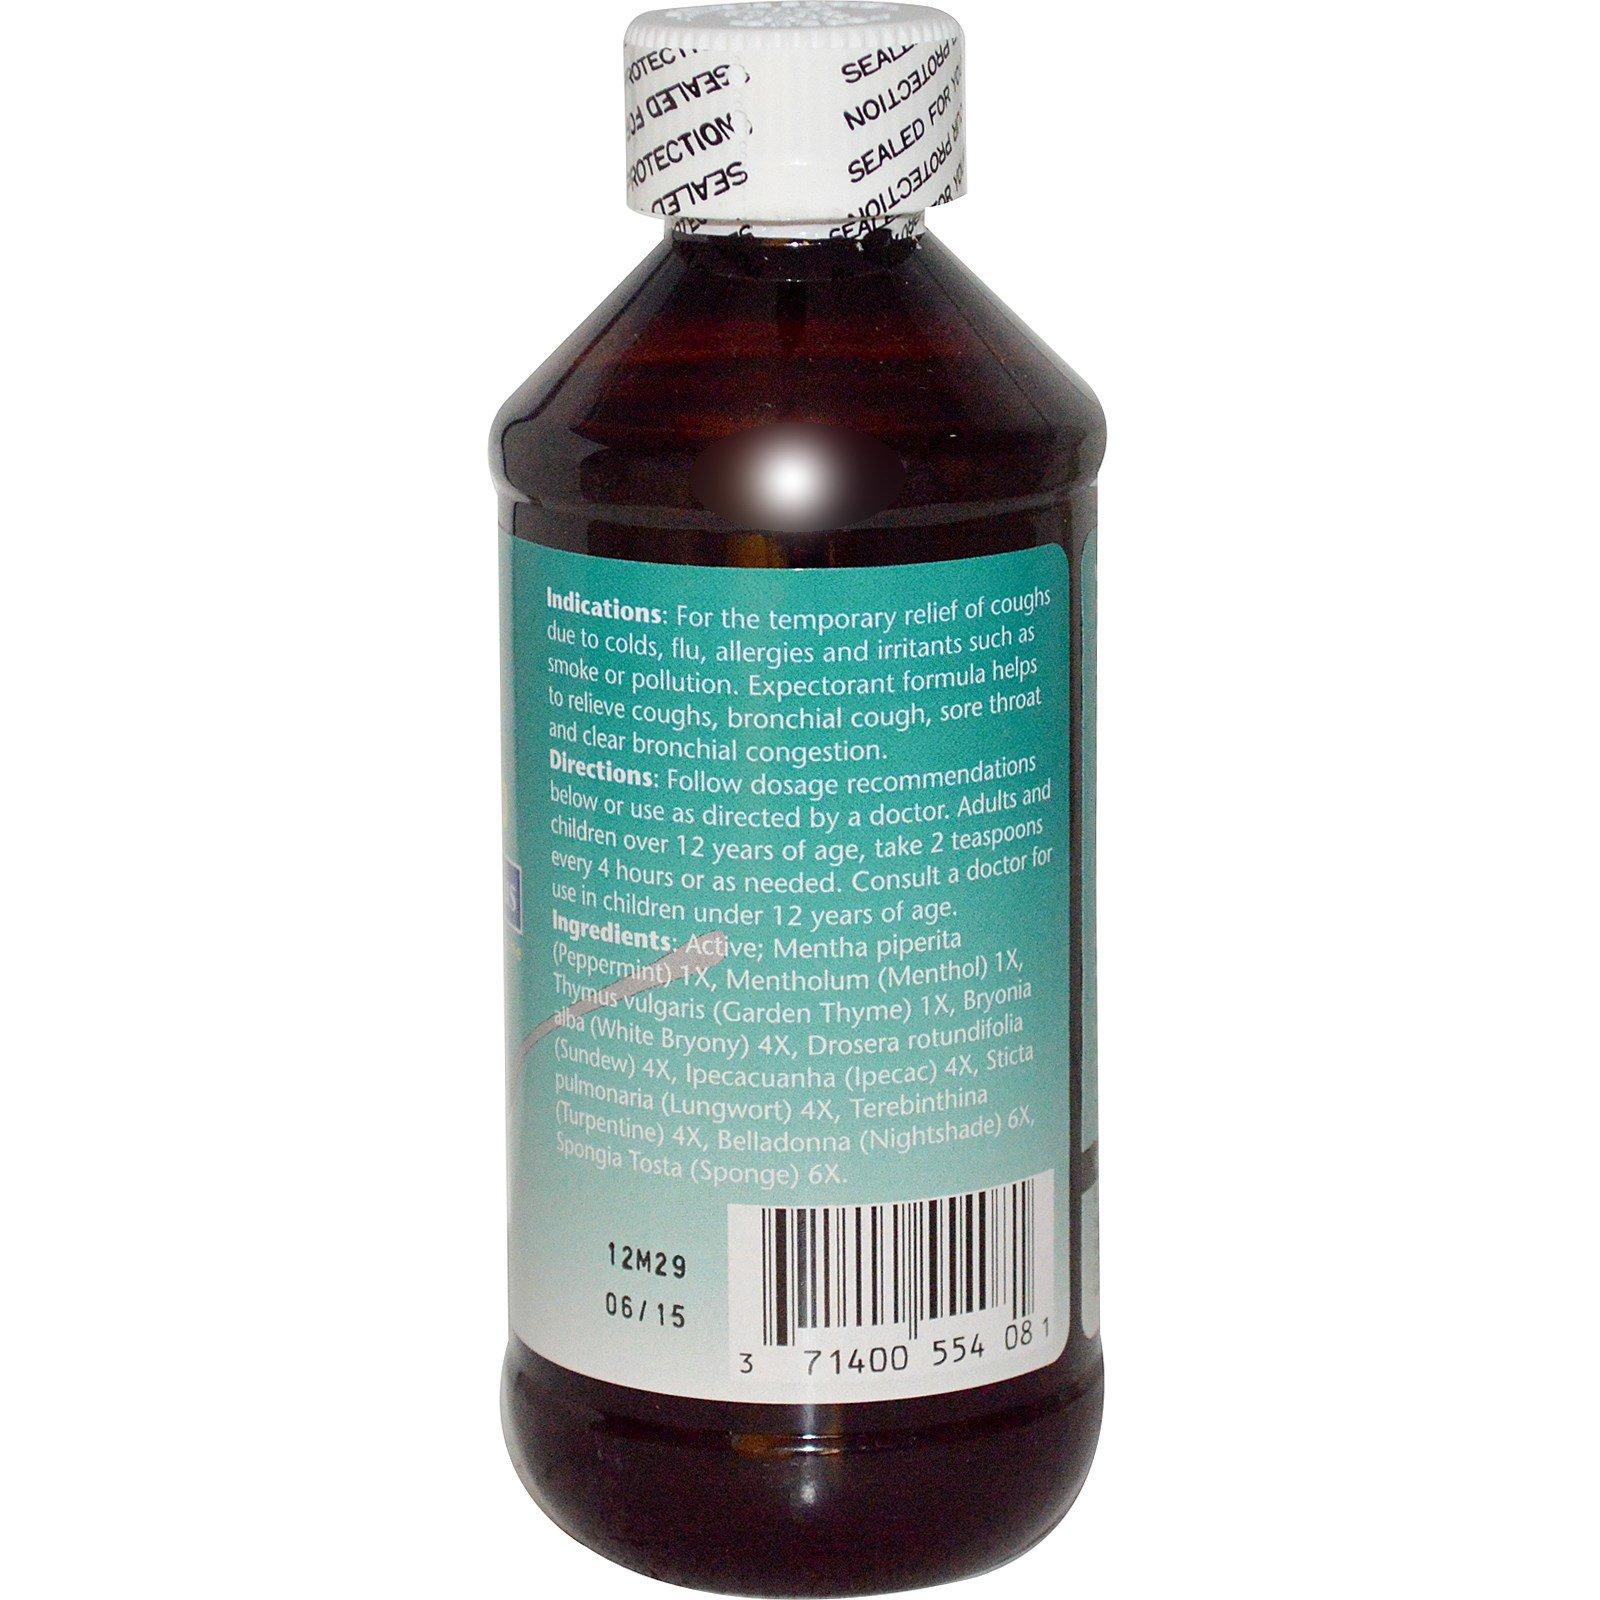 Natrabio شراب للسعال مع طارد للبلغم 8 أونصة سائلة 240 مل